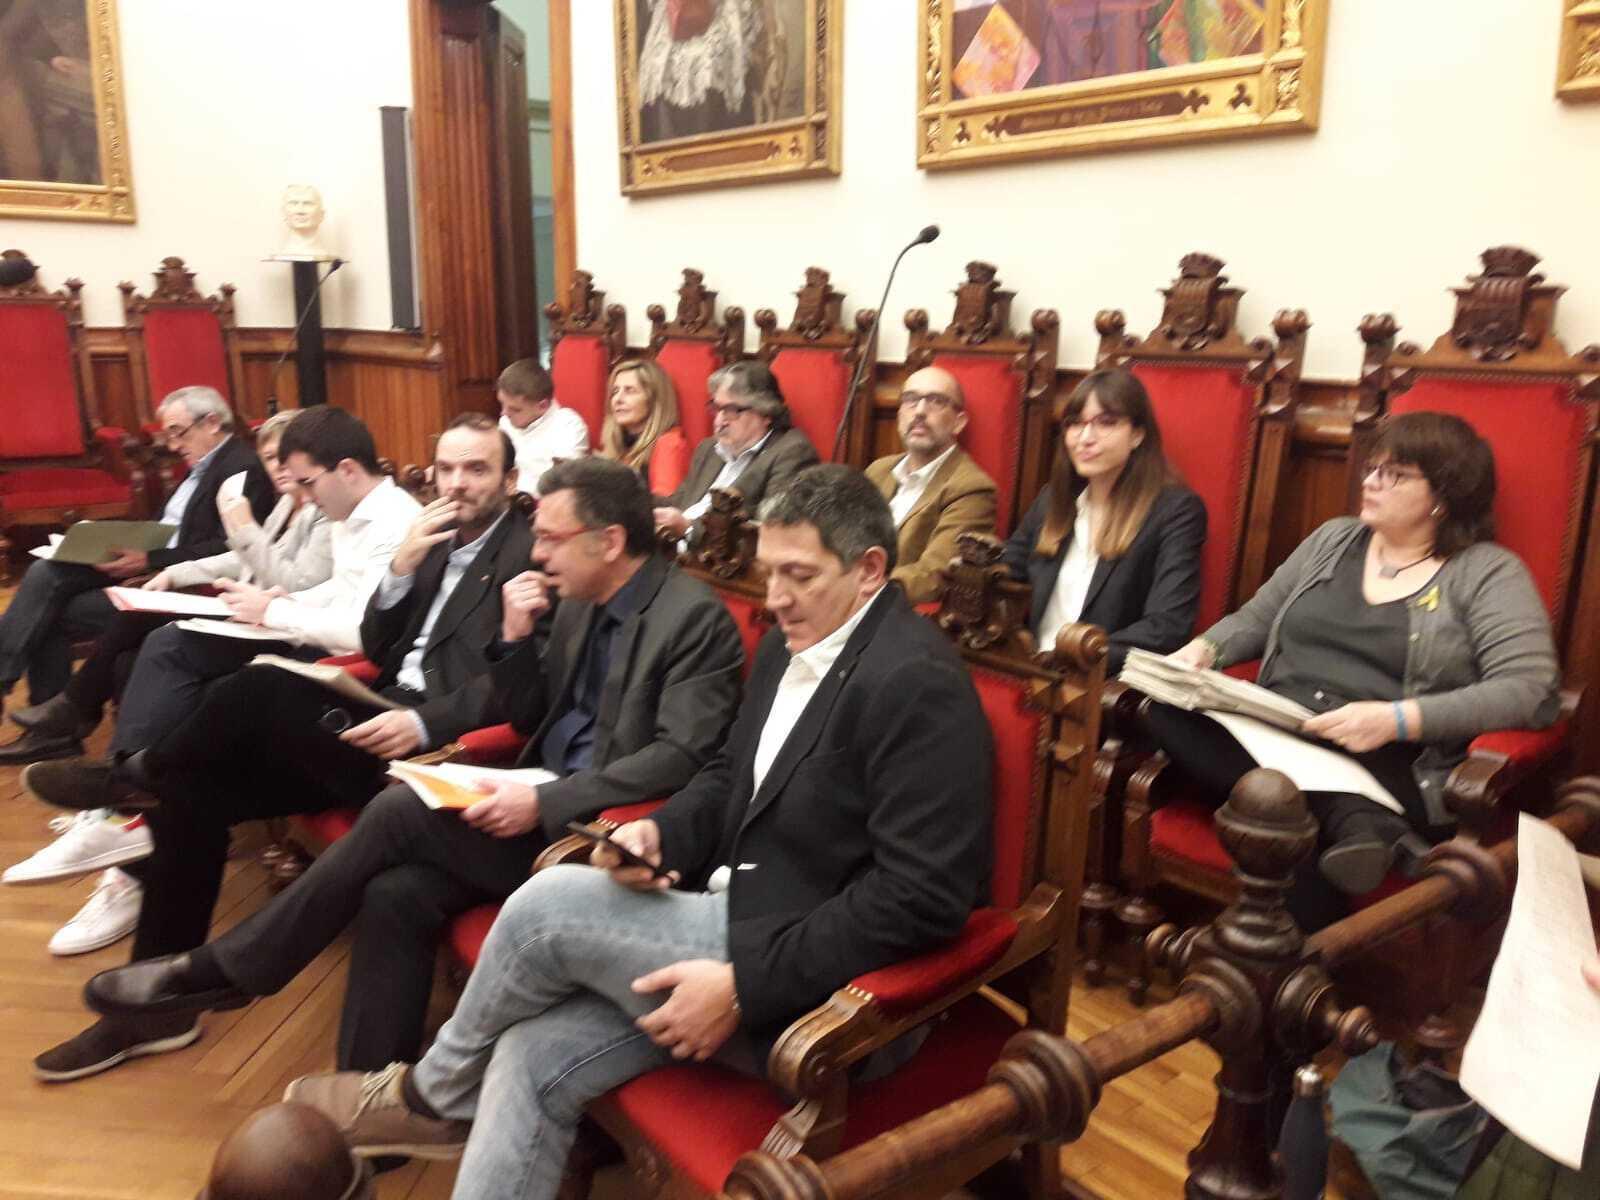 Junts ha defensat la moció sobre eliminar el cablejat elèctric